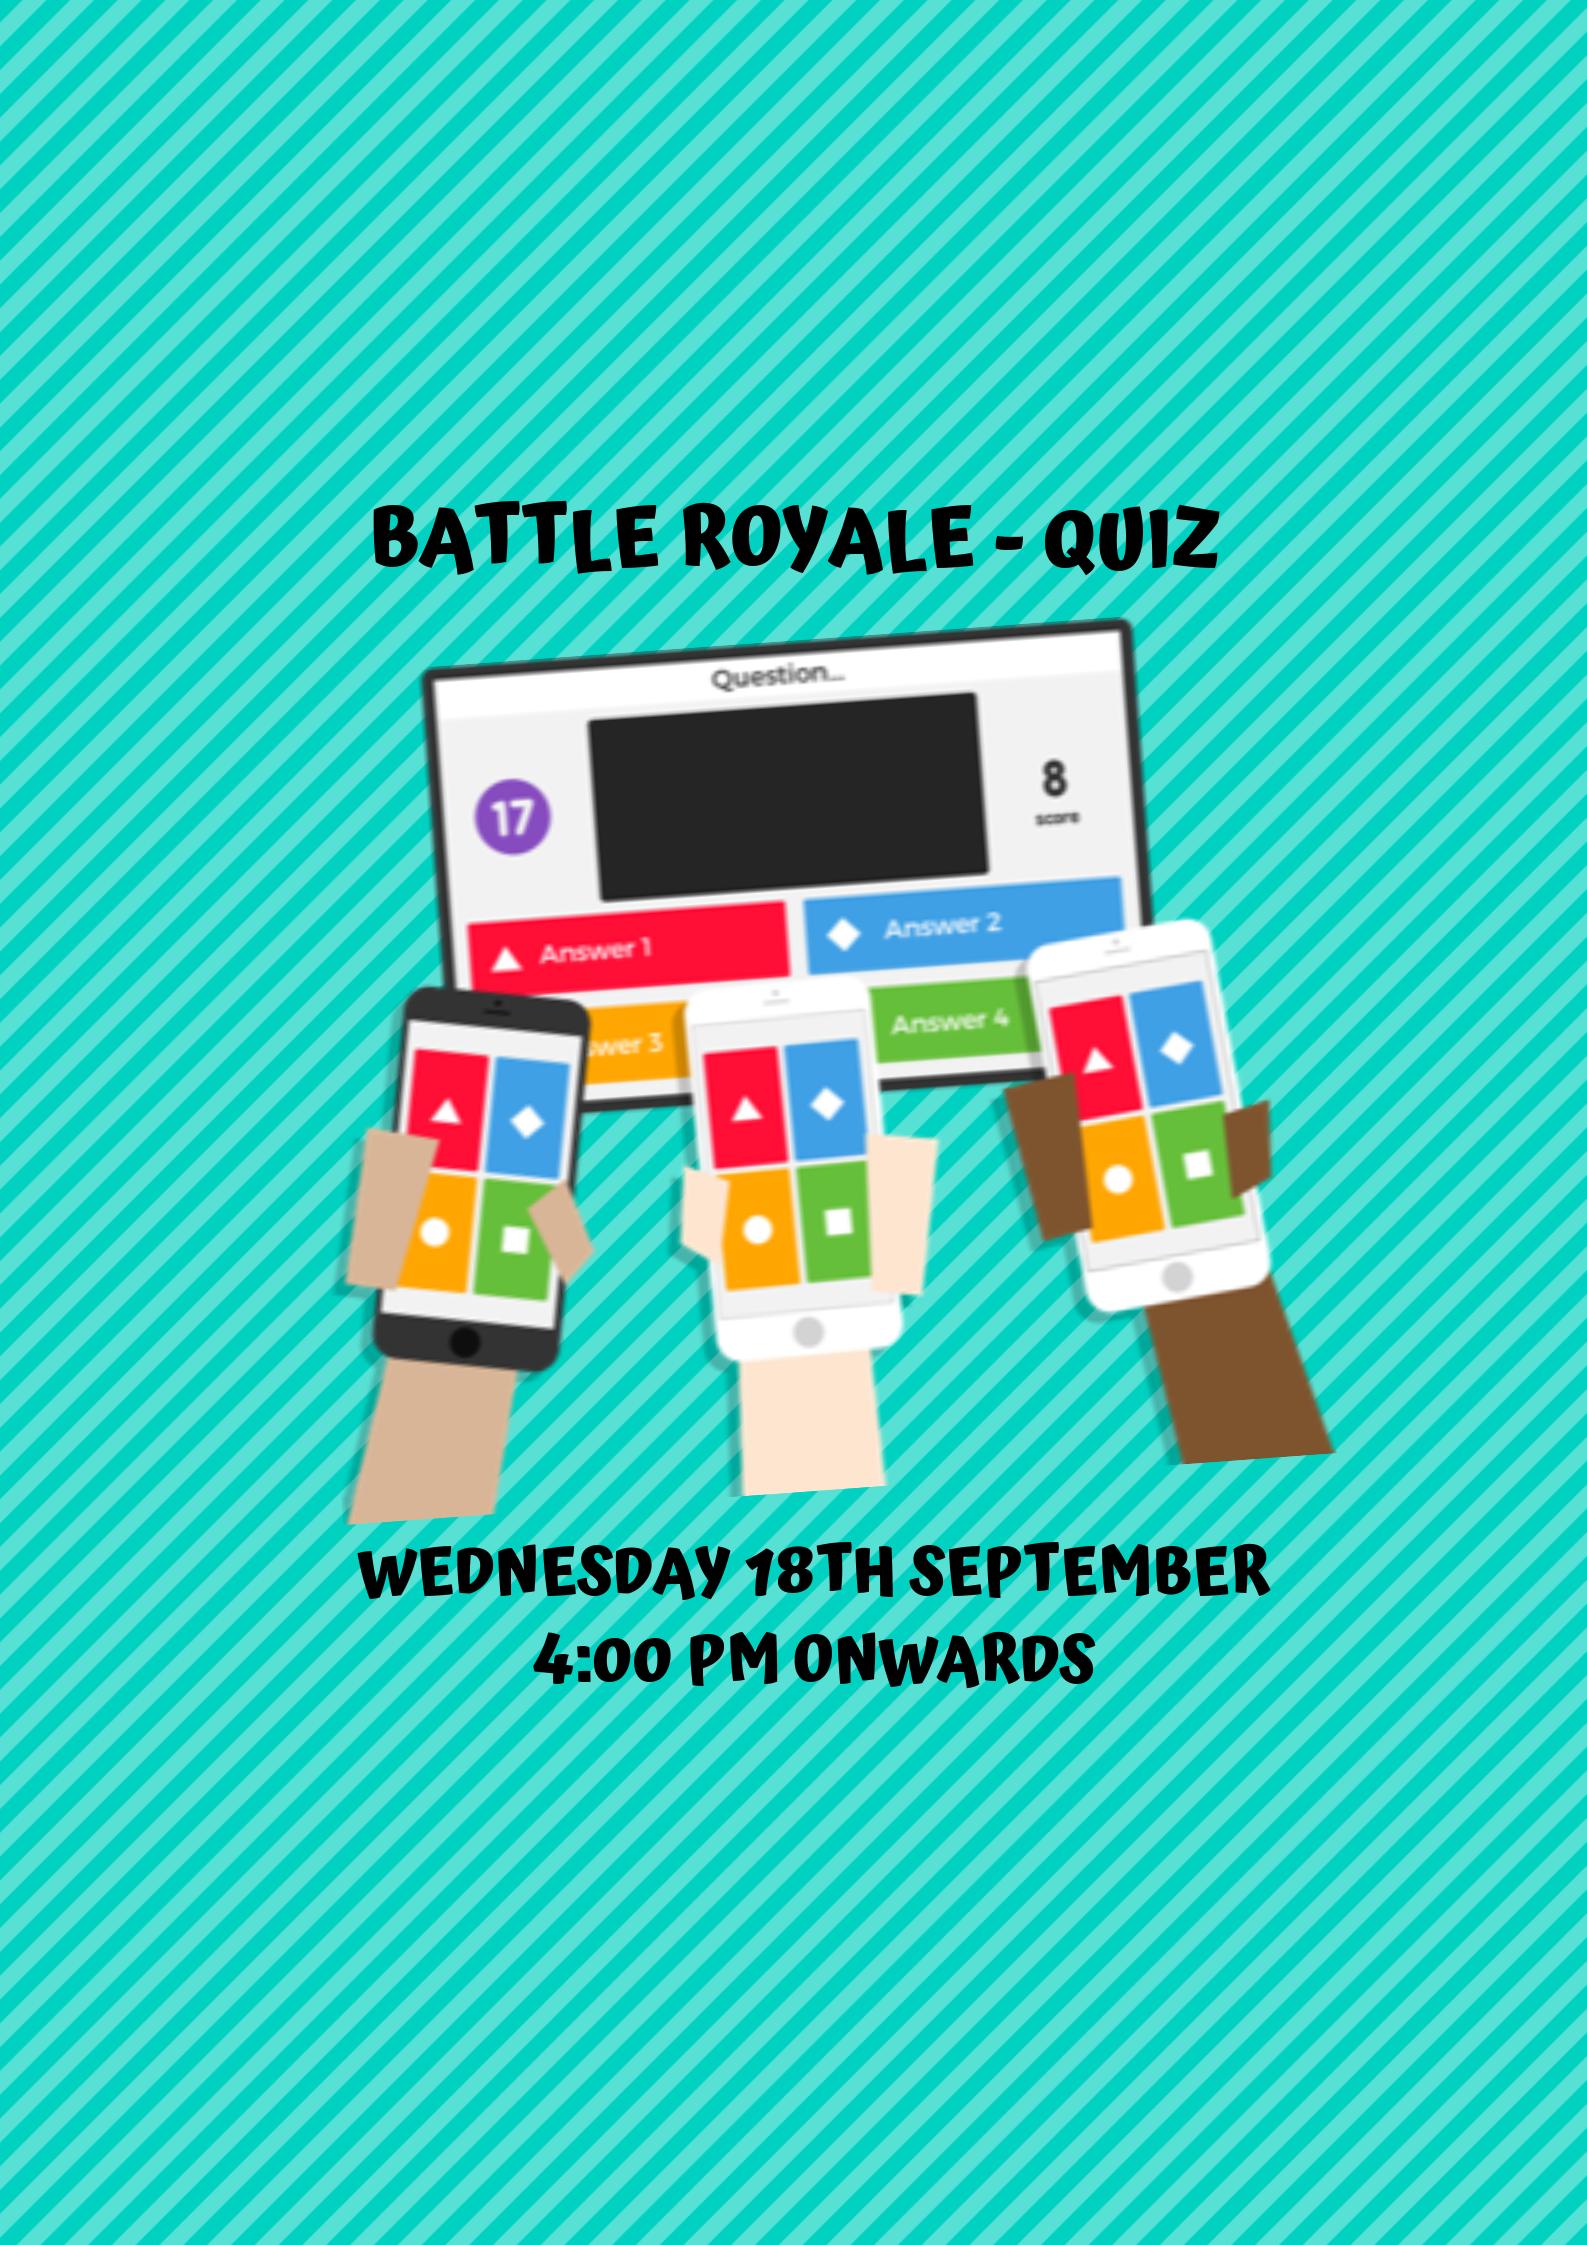 BATTLE ROYALE - QUIZ(Poster).png